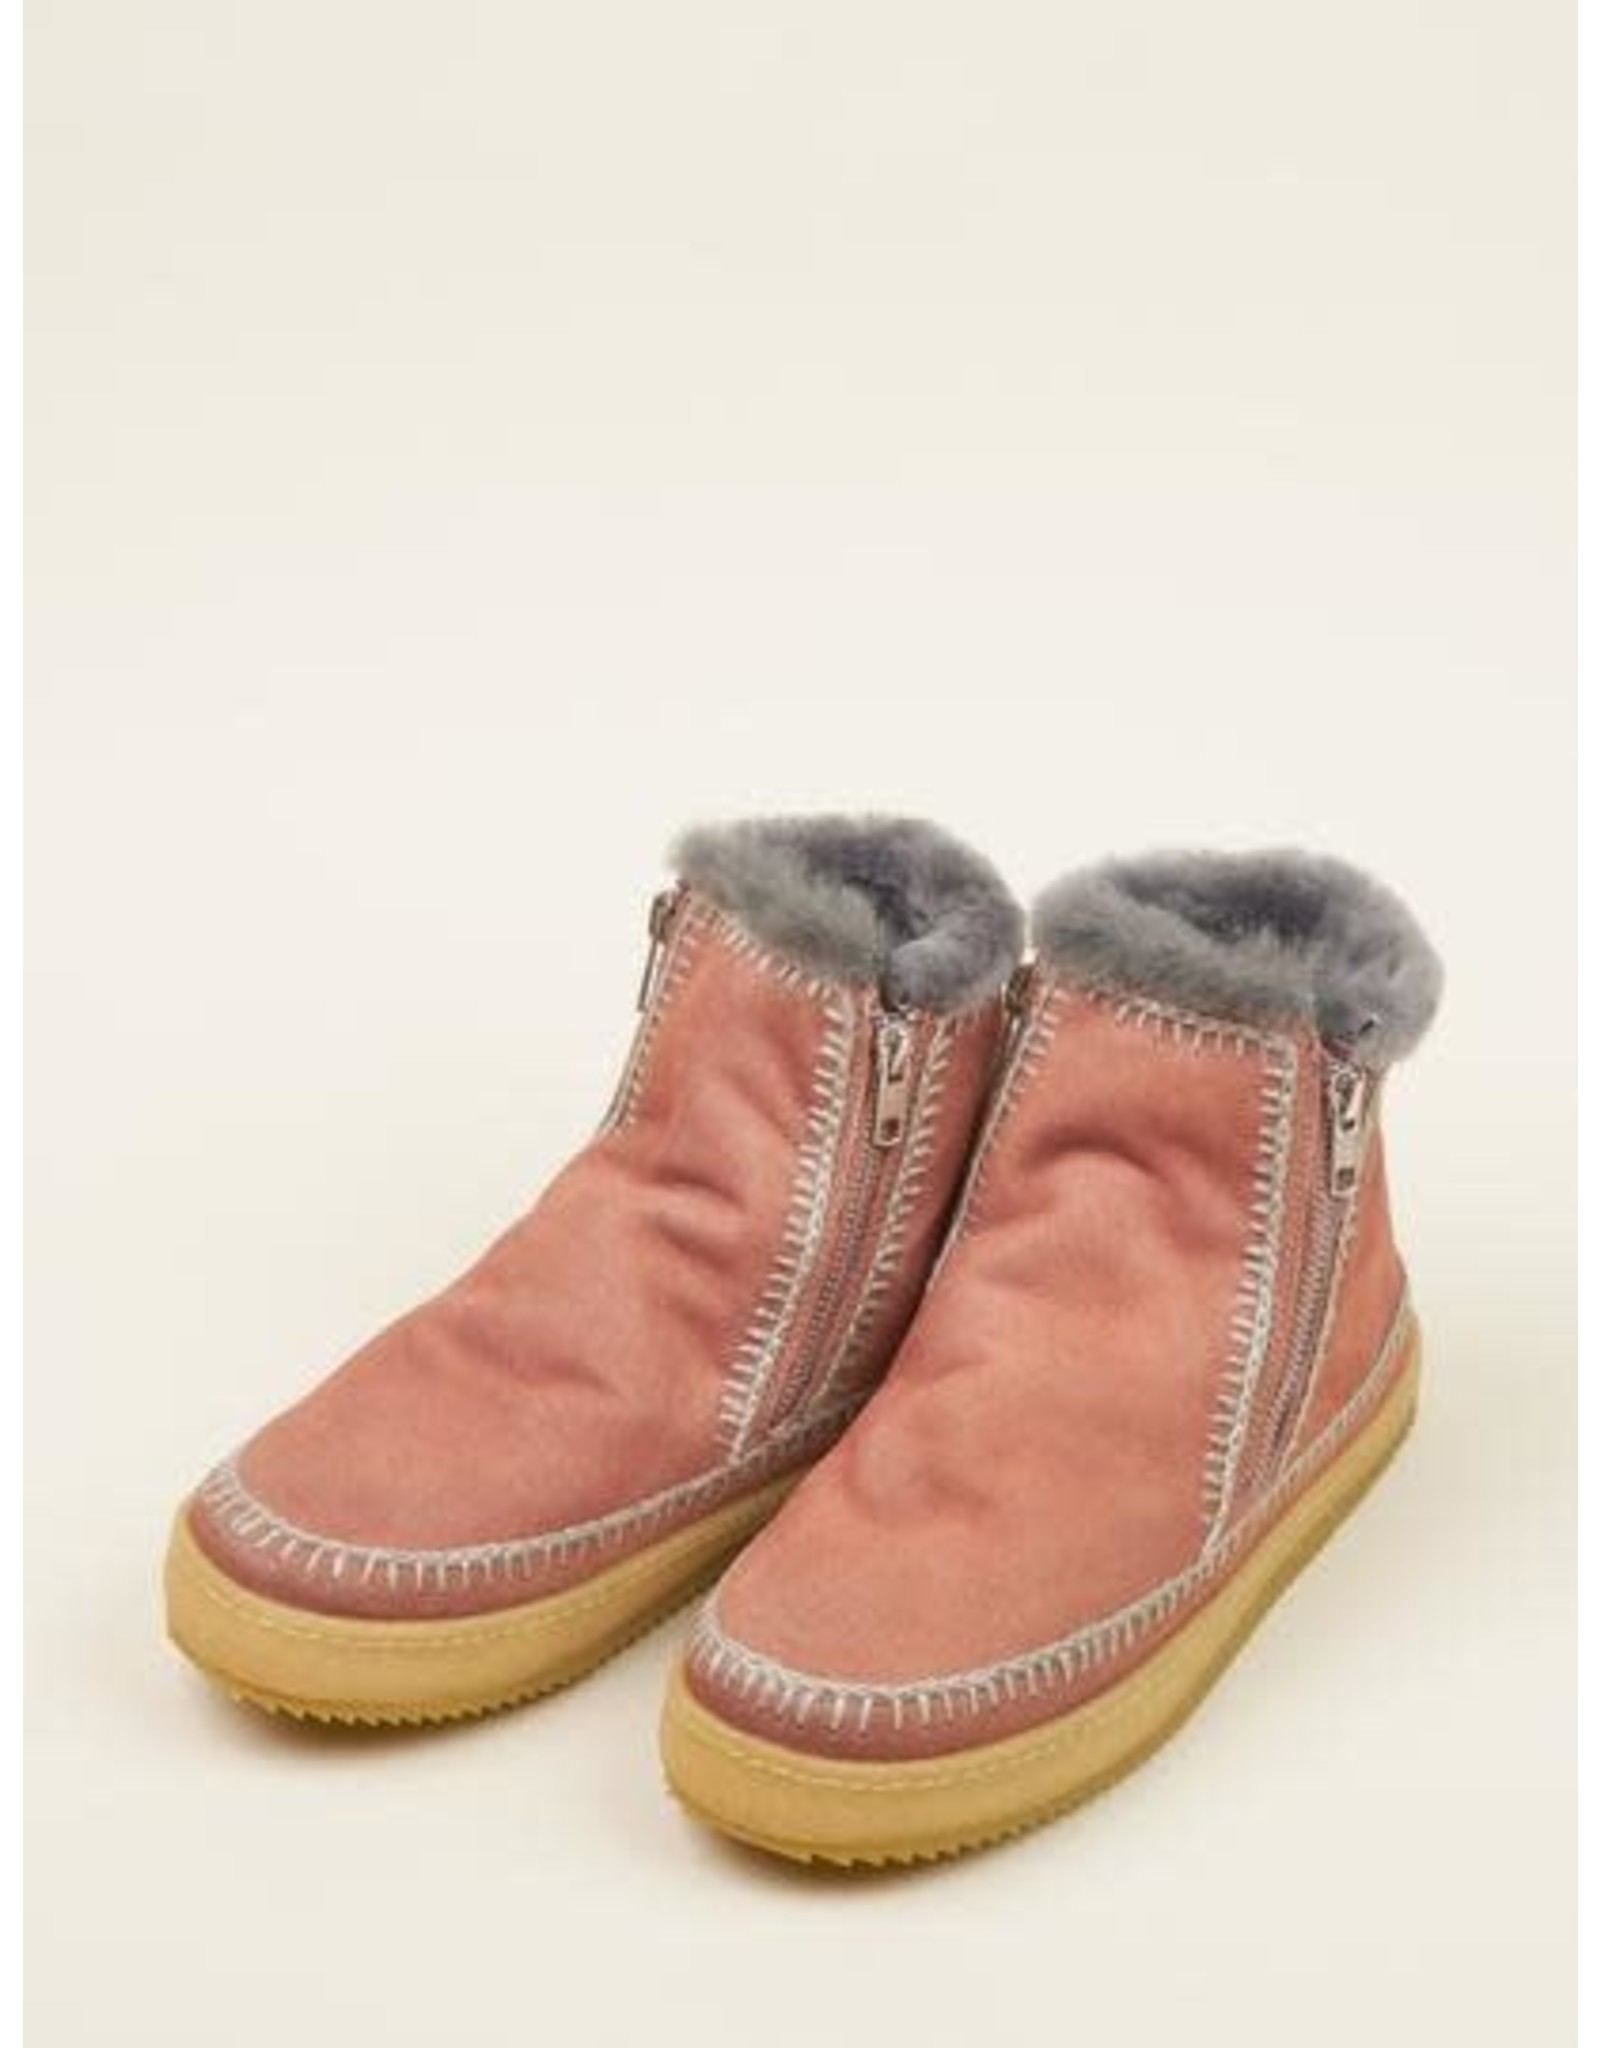 laidback london Laidback London - Setsu crochet (dusty pink / grey)